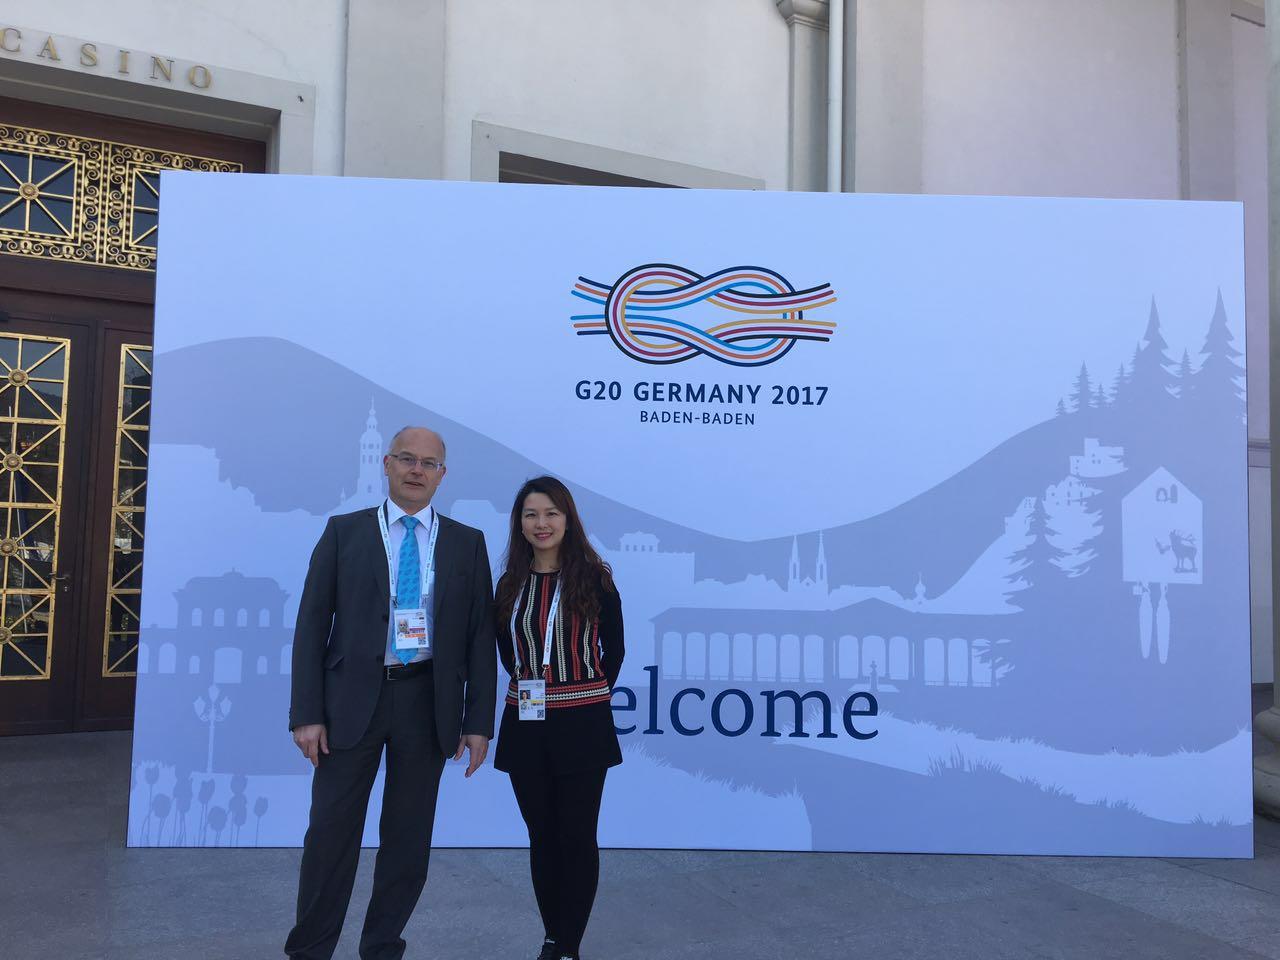 凤凰财经记者隔江远眺G20主会场